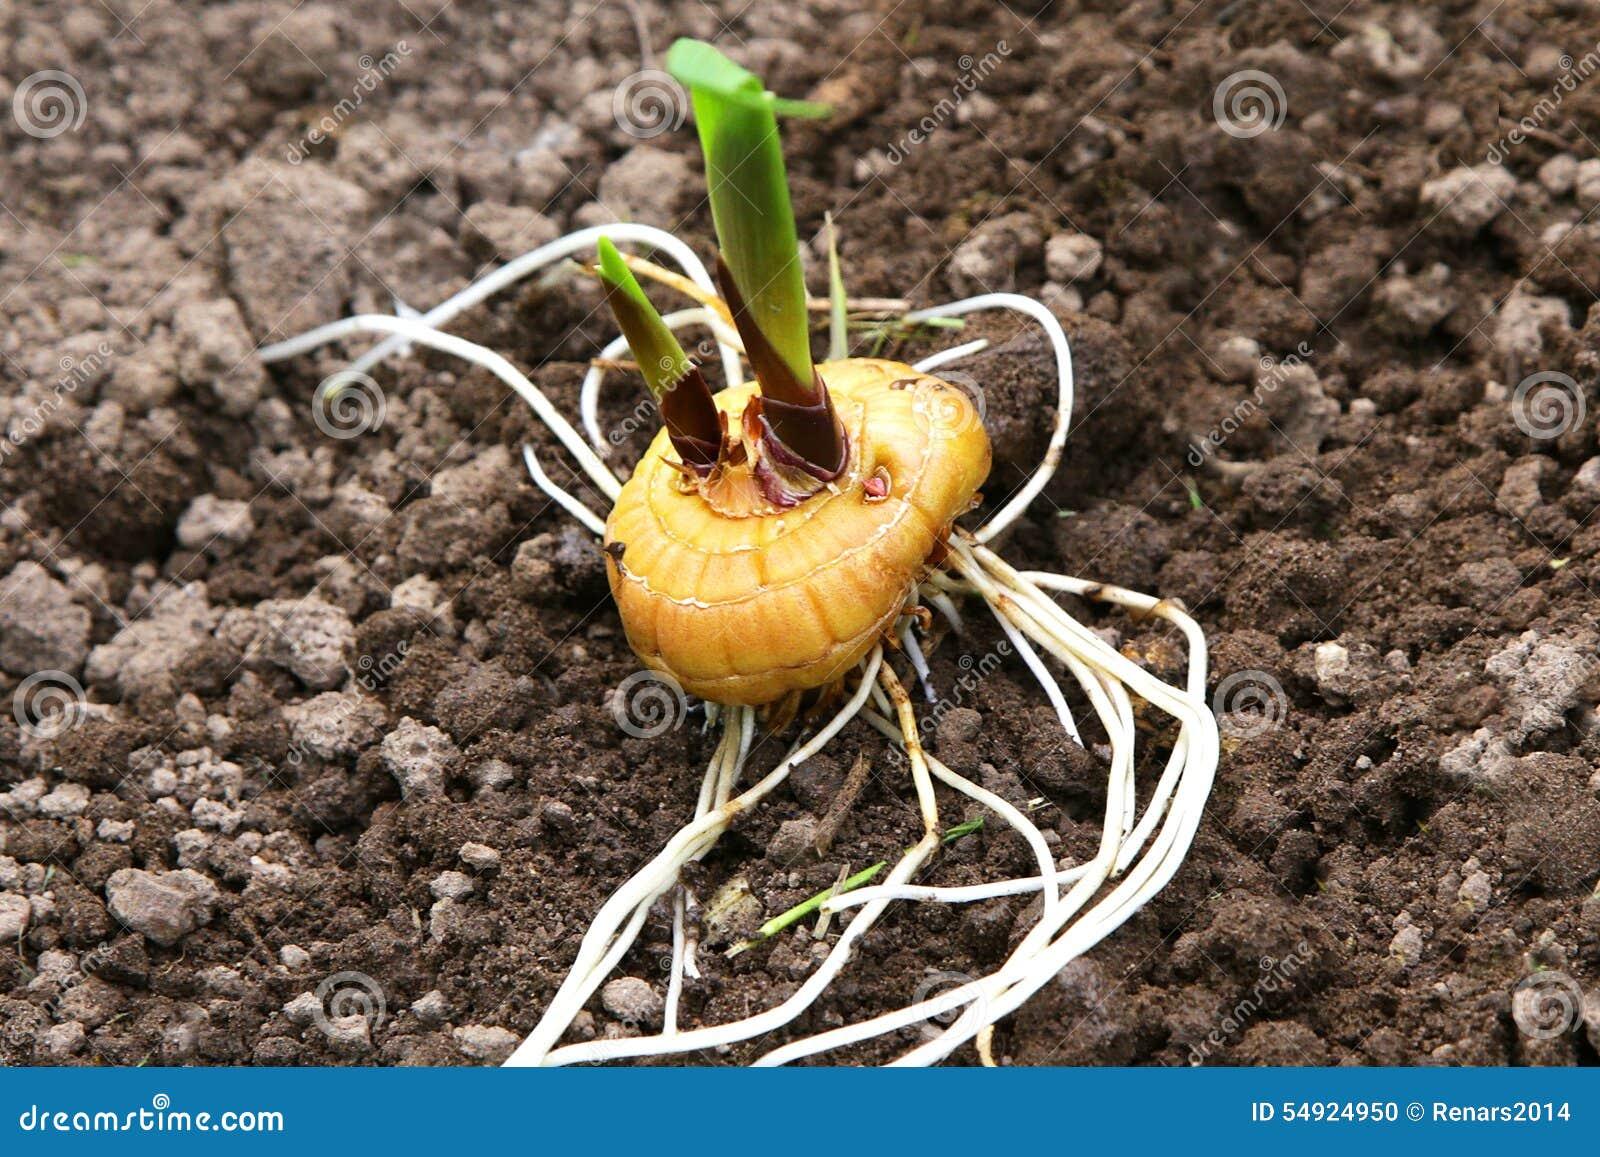 Как получить семена гладиолуса и можно ли вырастить цветы из семян 53